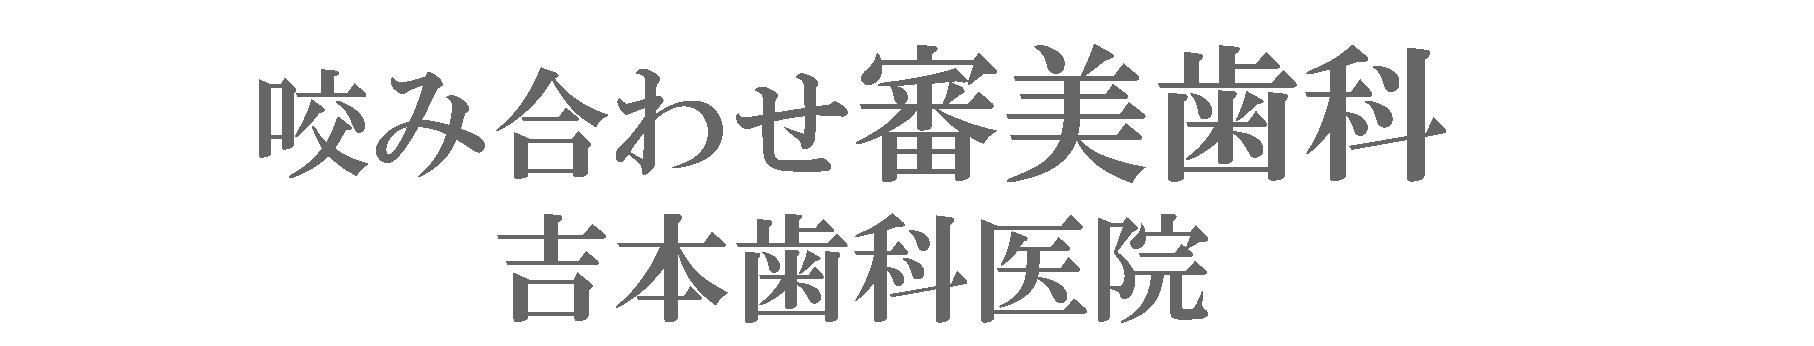 セラミック,マウスピース矯正,噛み合わせ治療,は香川県,高松市の吉本歯科医院